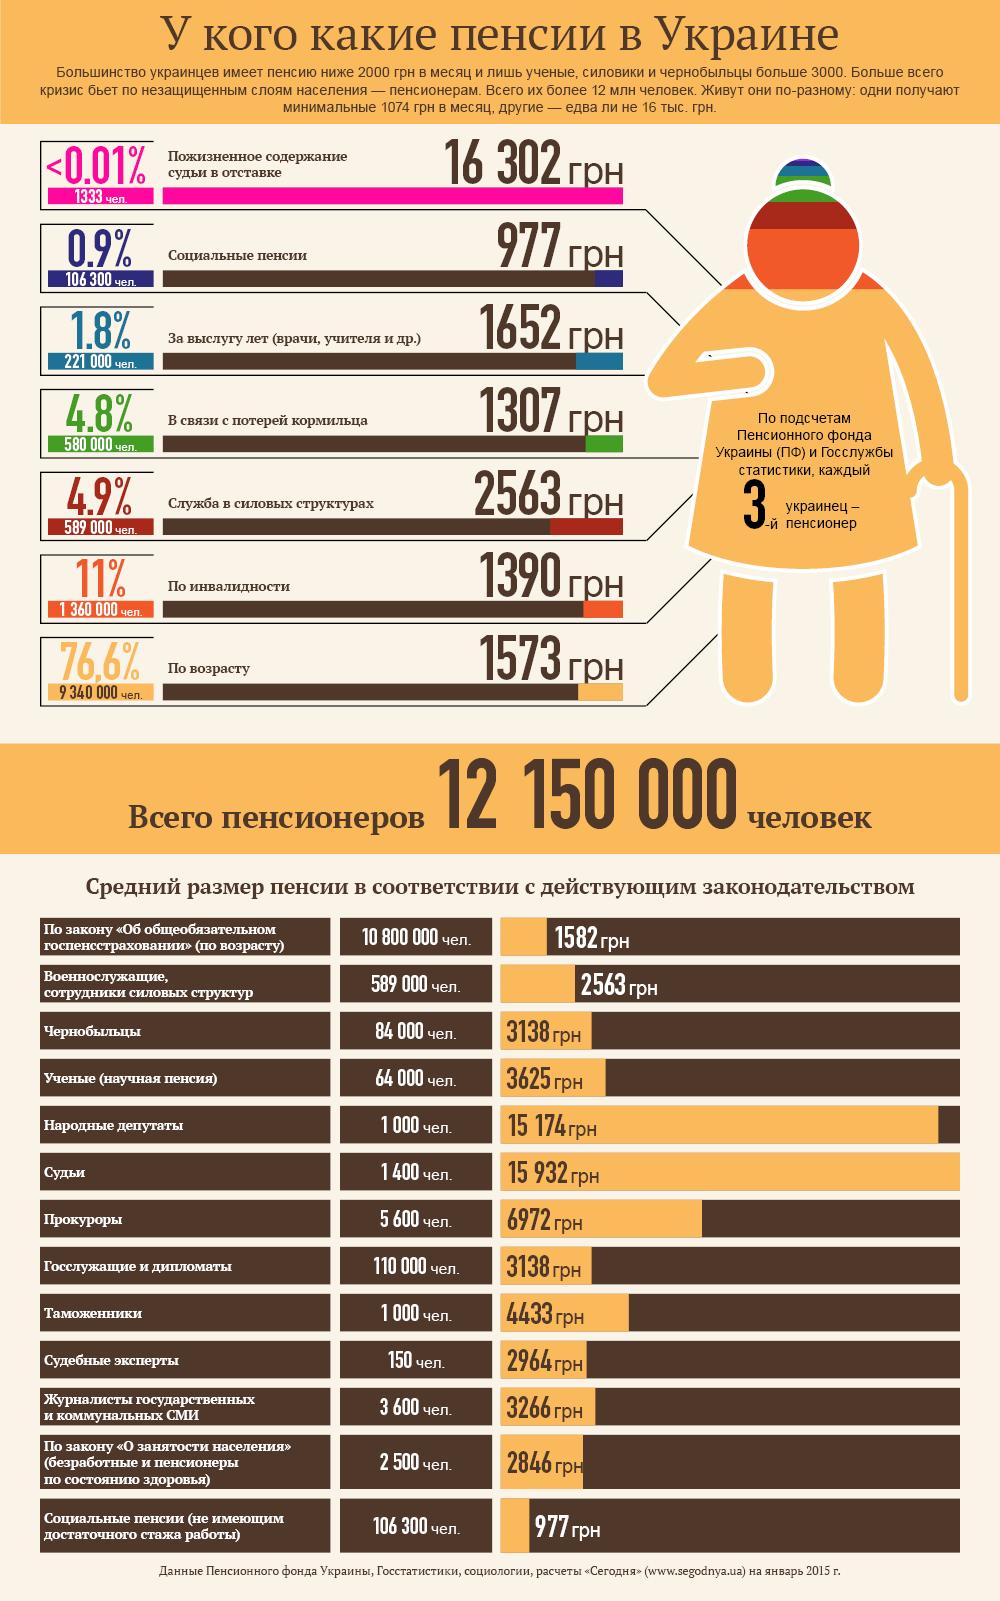 У кого какие пенсии в Украине. Инфографика